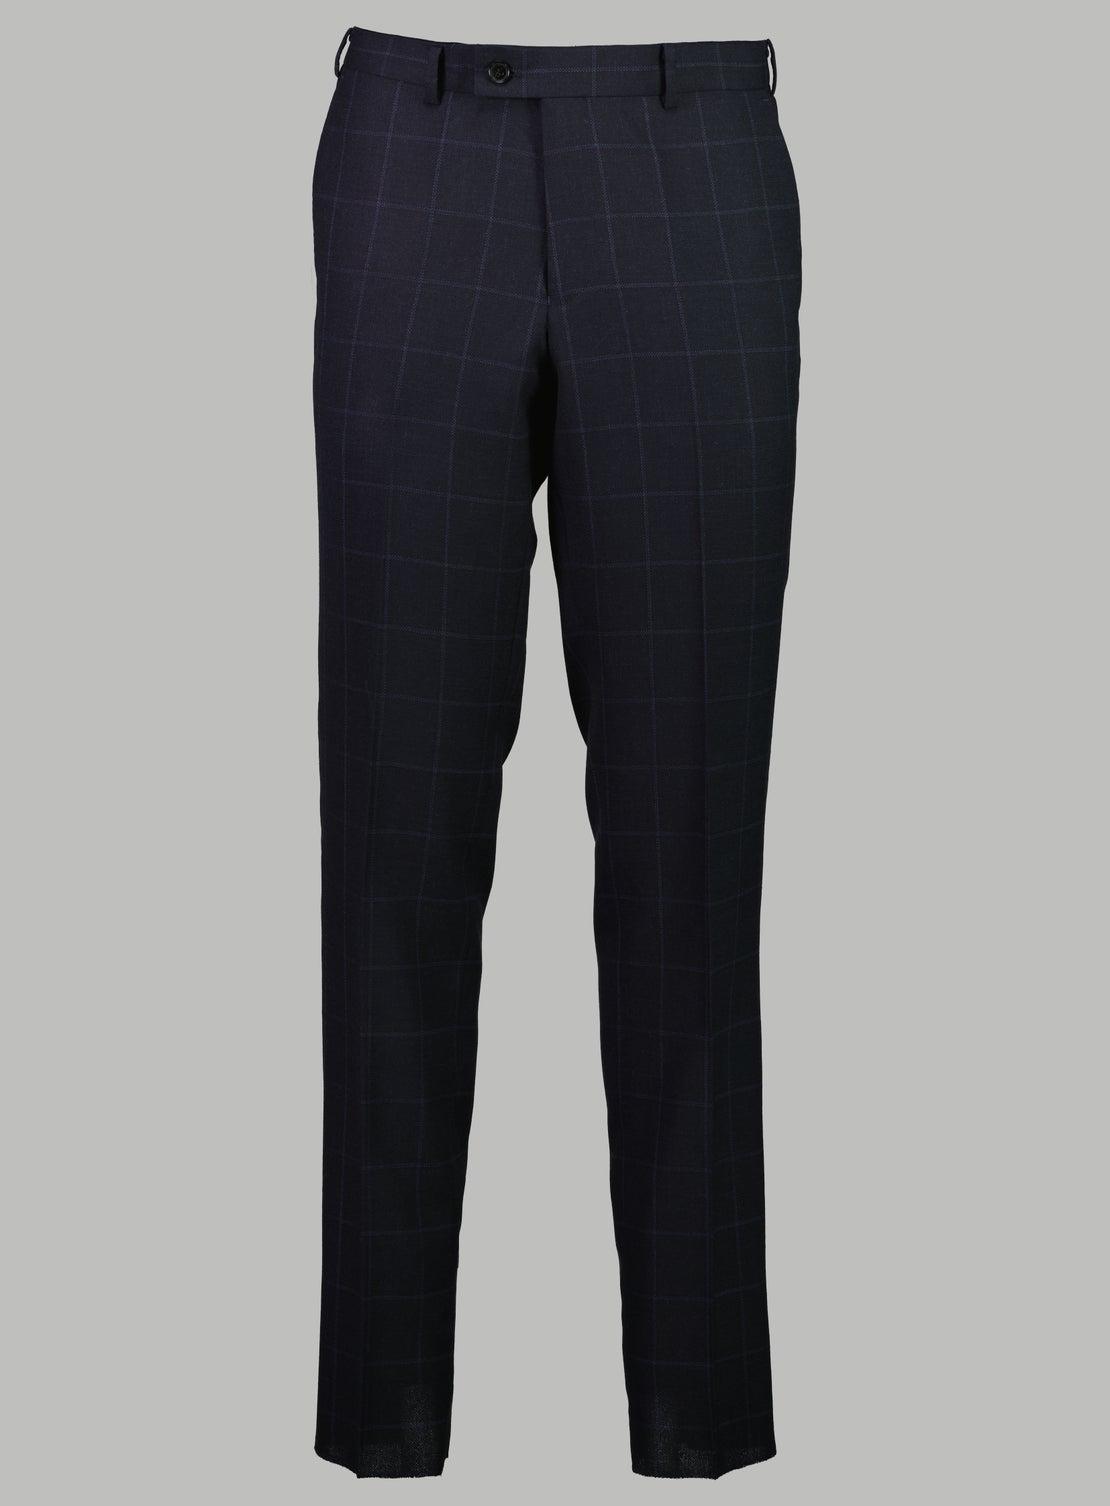 Martin Navy Windowpane Check Suit